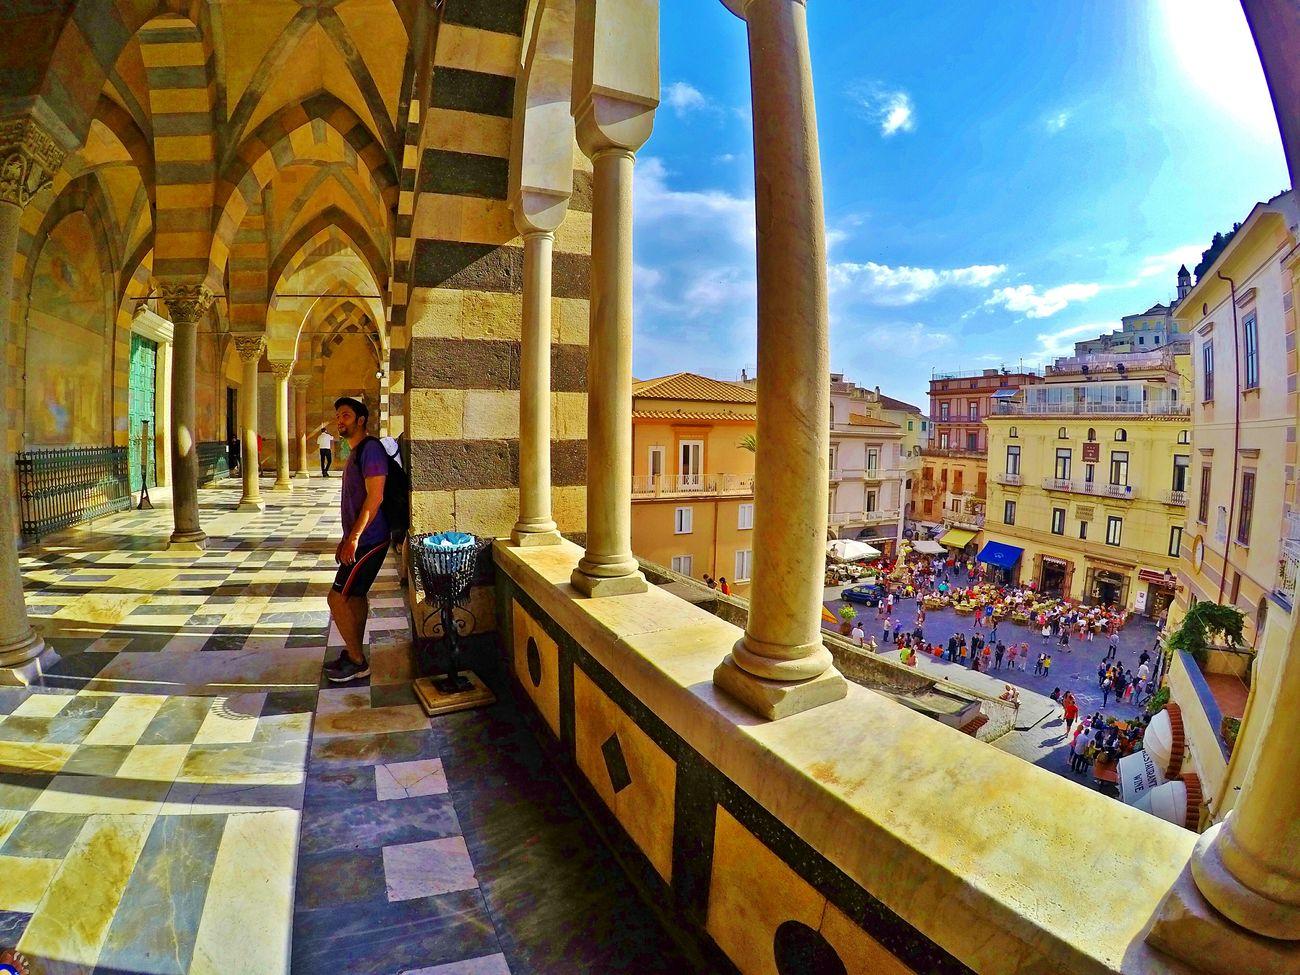 Duomo Amalfi Amalfi Coast Amalfi Cathedral Amalfi Italy Duomo_di_amalfi Amalfi  Italy Salerno Friend Gopro Goprohero4 Traveling Travelling Travel Travel Photography Travelphotography Trave